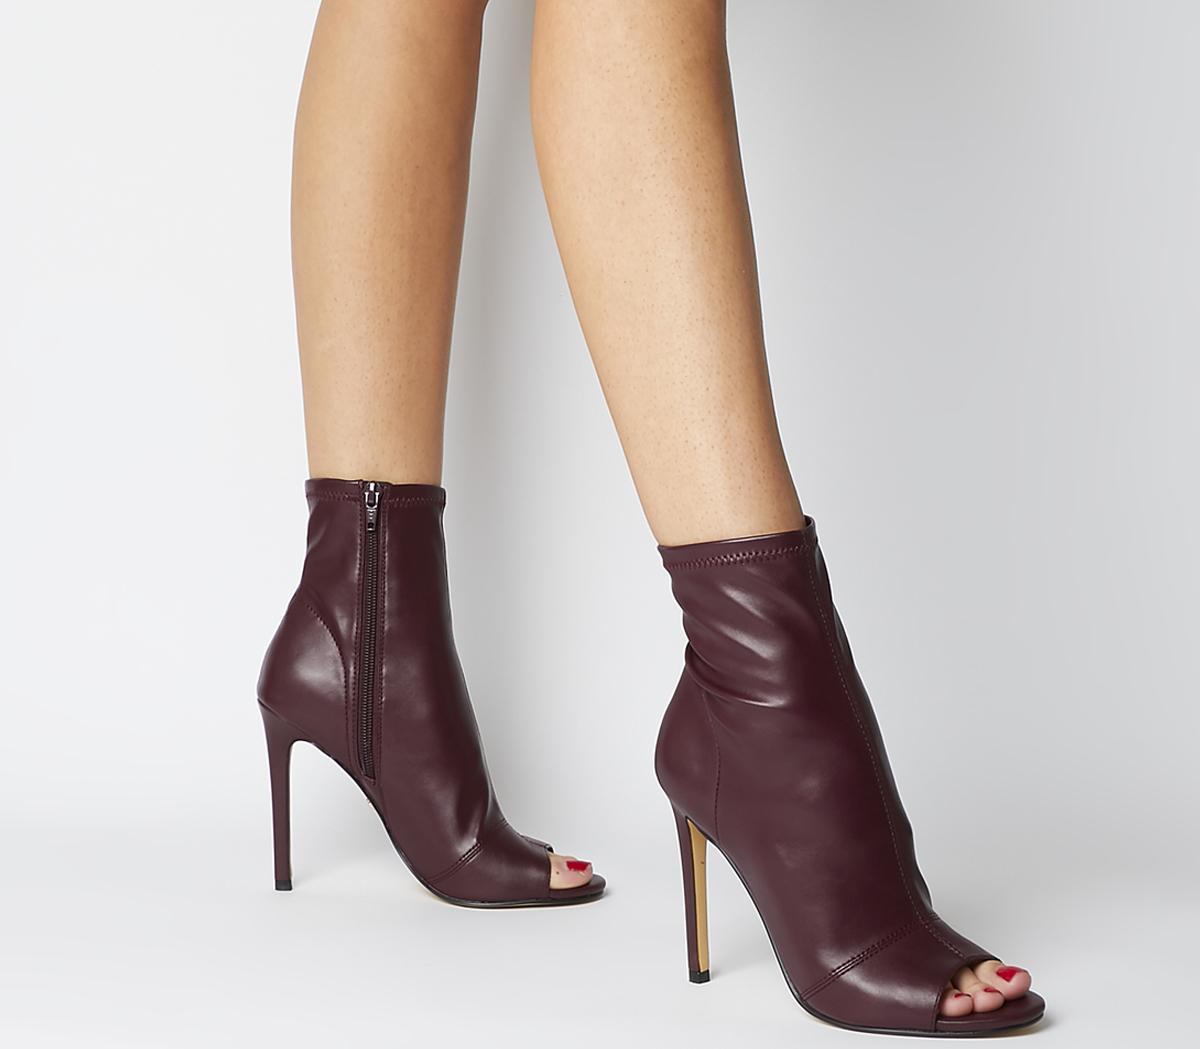 Aware Dressy Peep Toe Boots